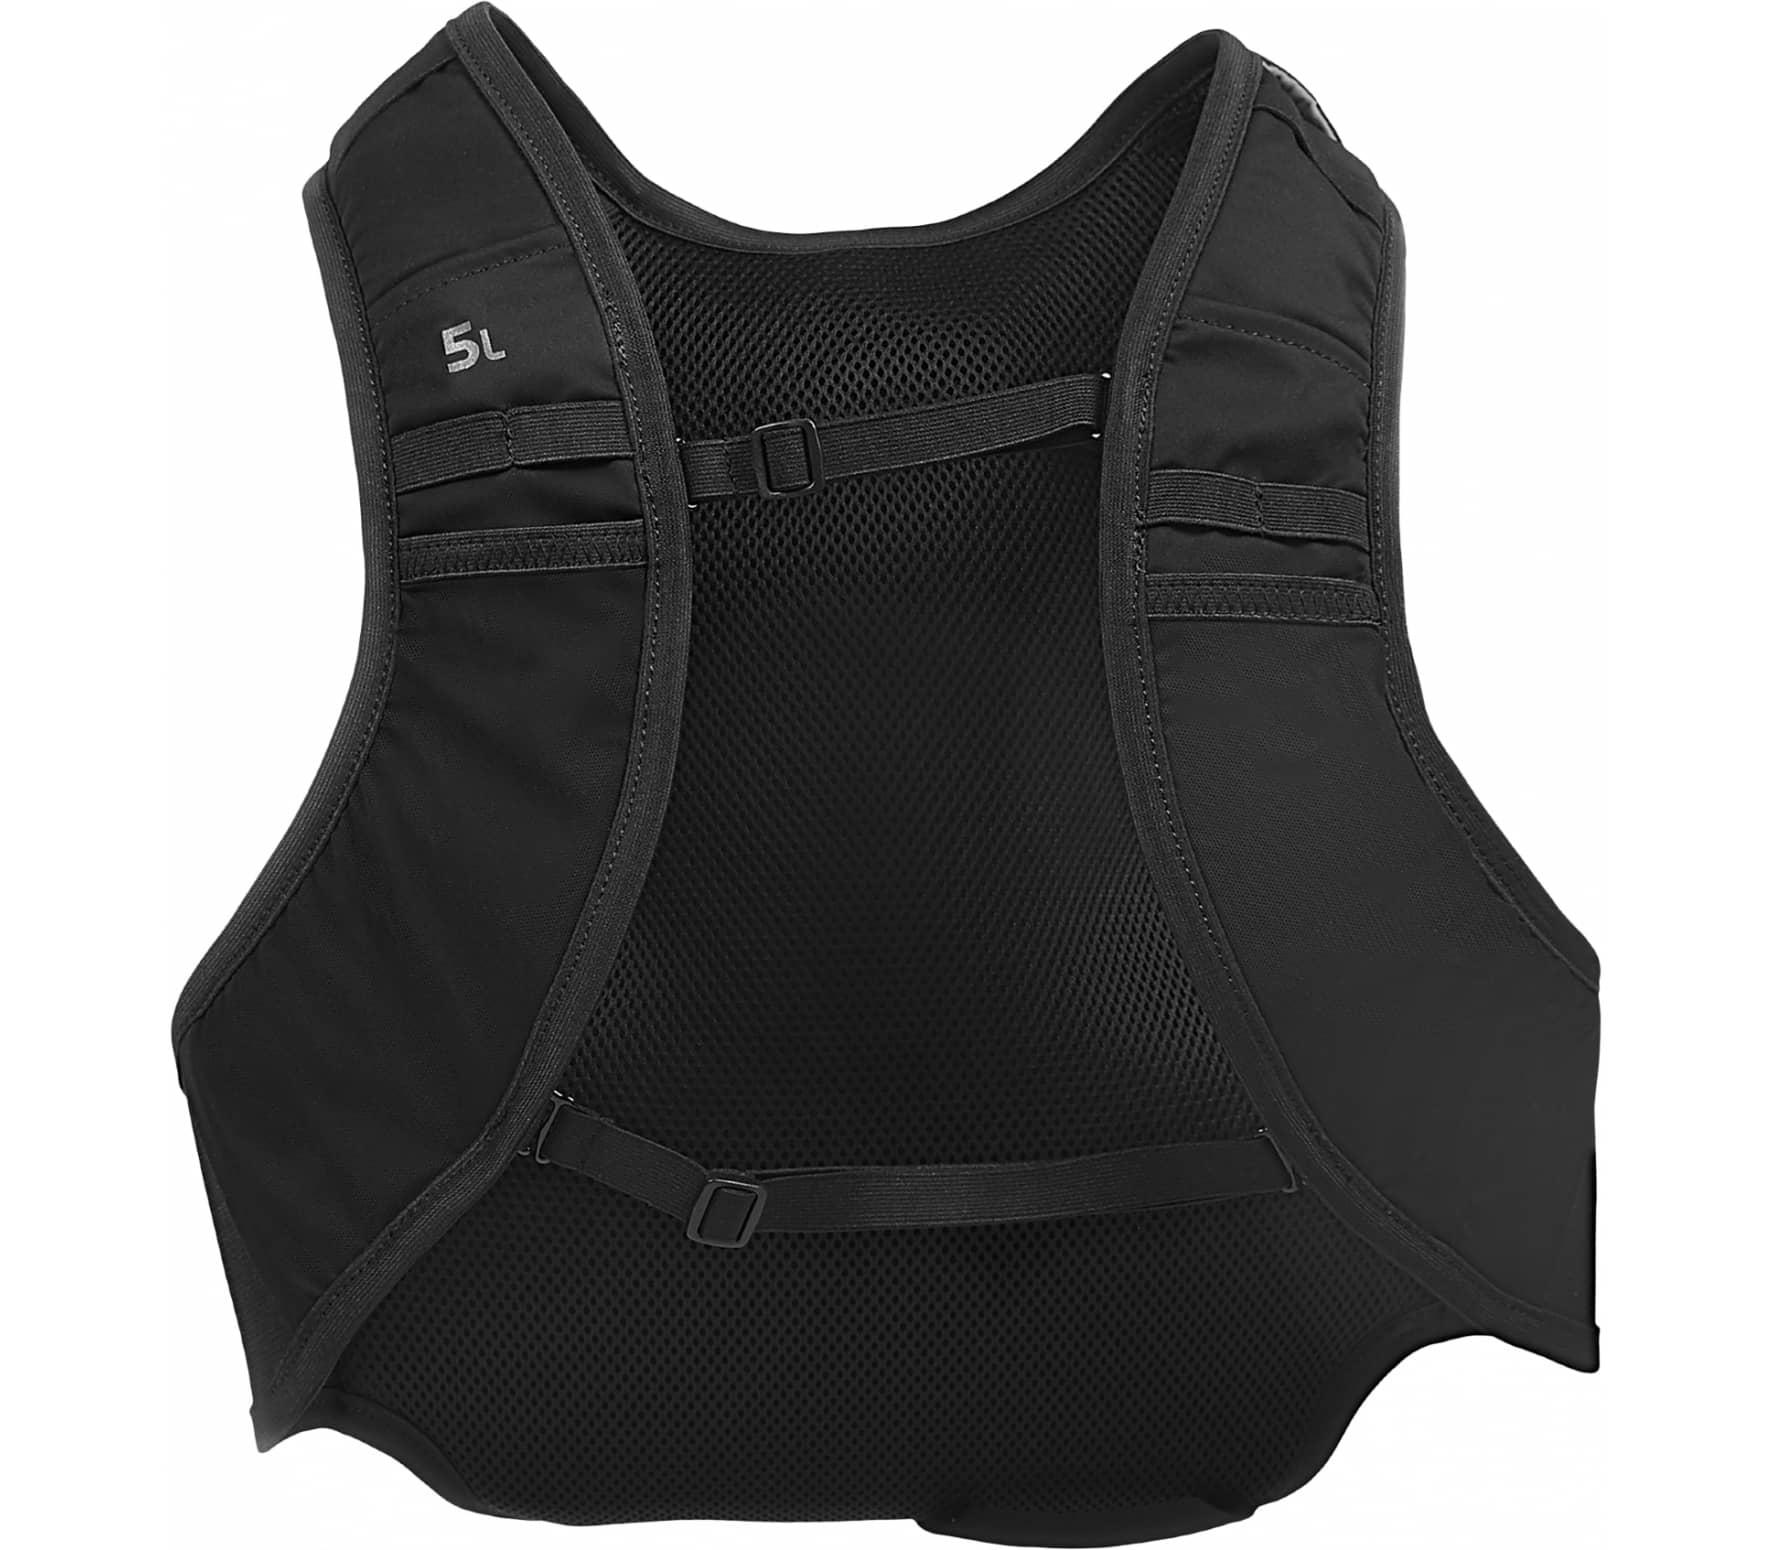 ASICS - Running backpack running backpack (black) - M